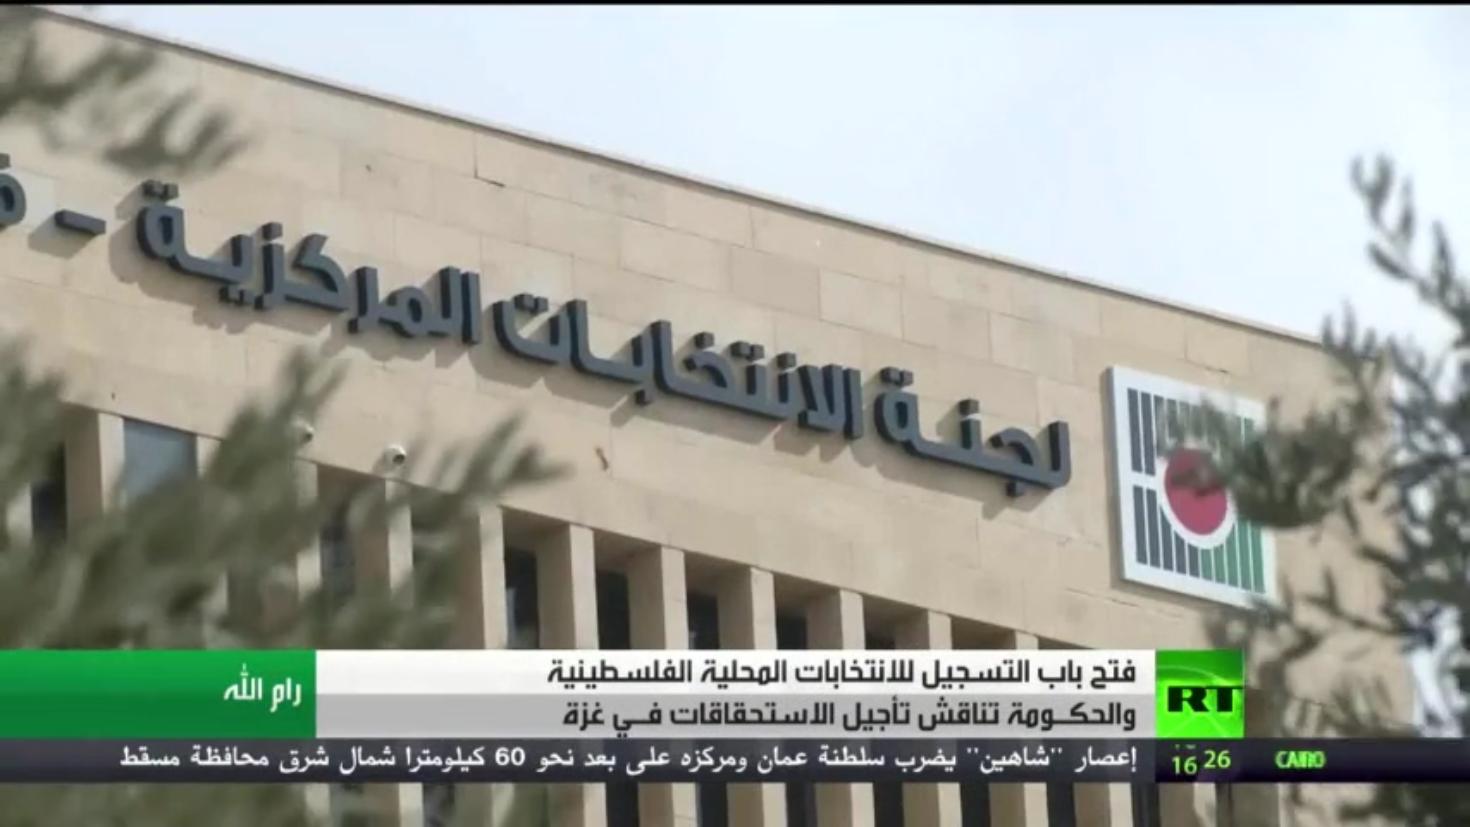 فتح باب التسجيل للانتخابات المحلية الفلسطينية